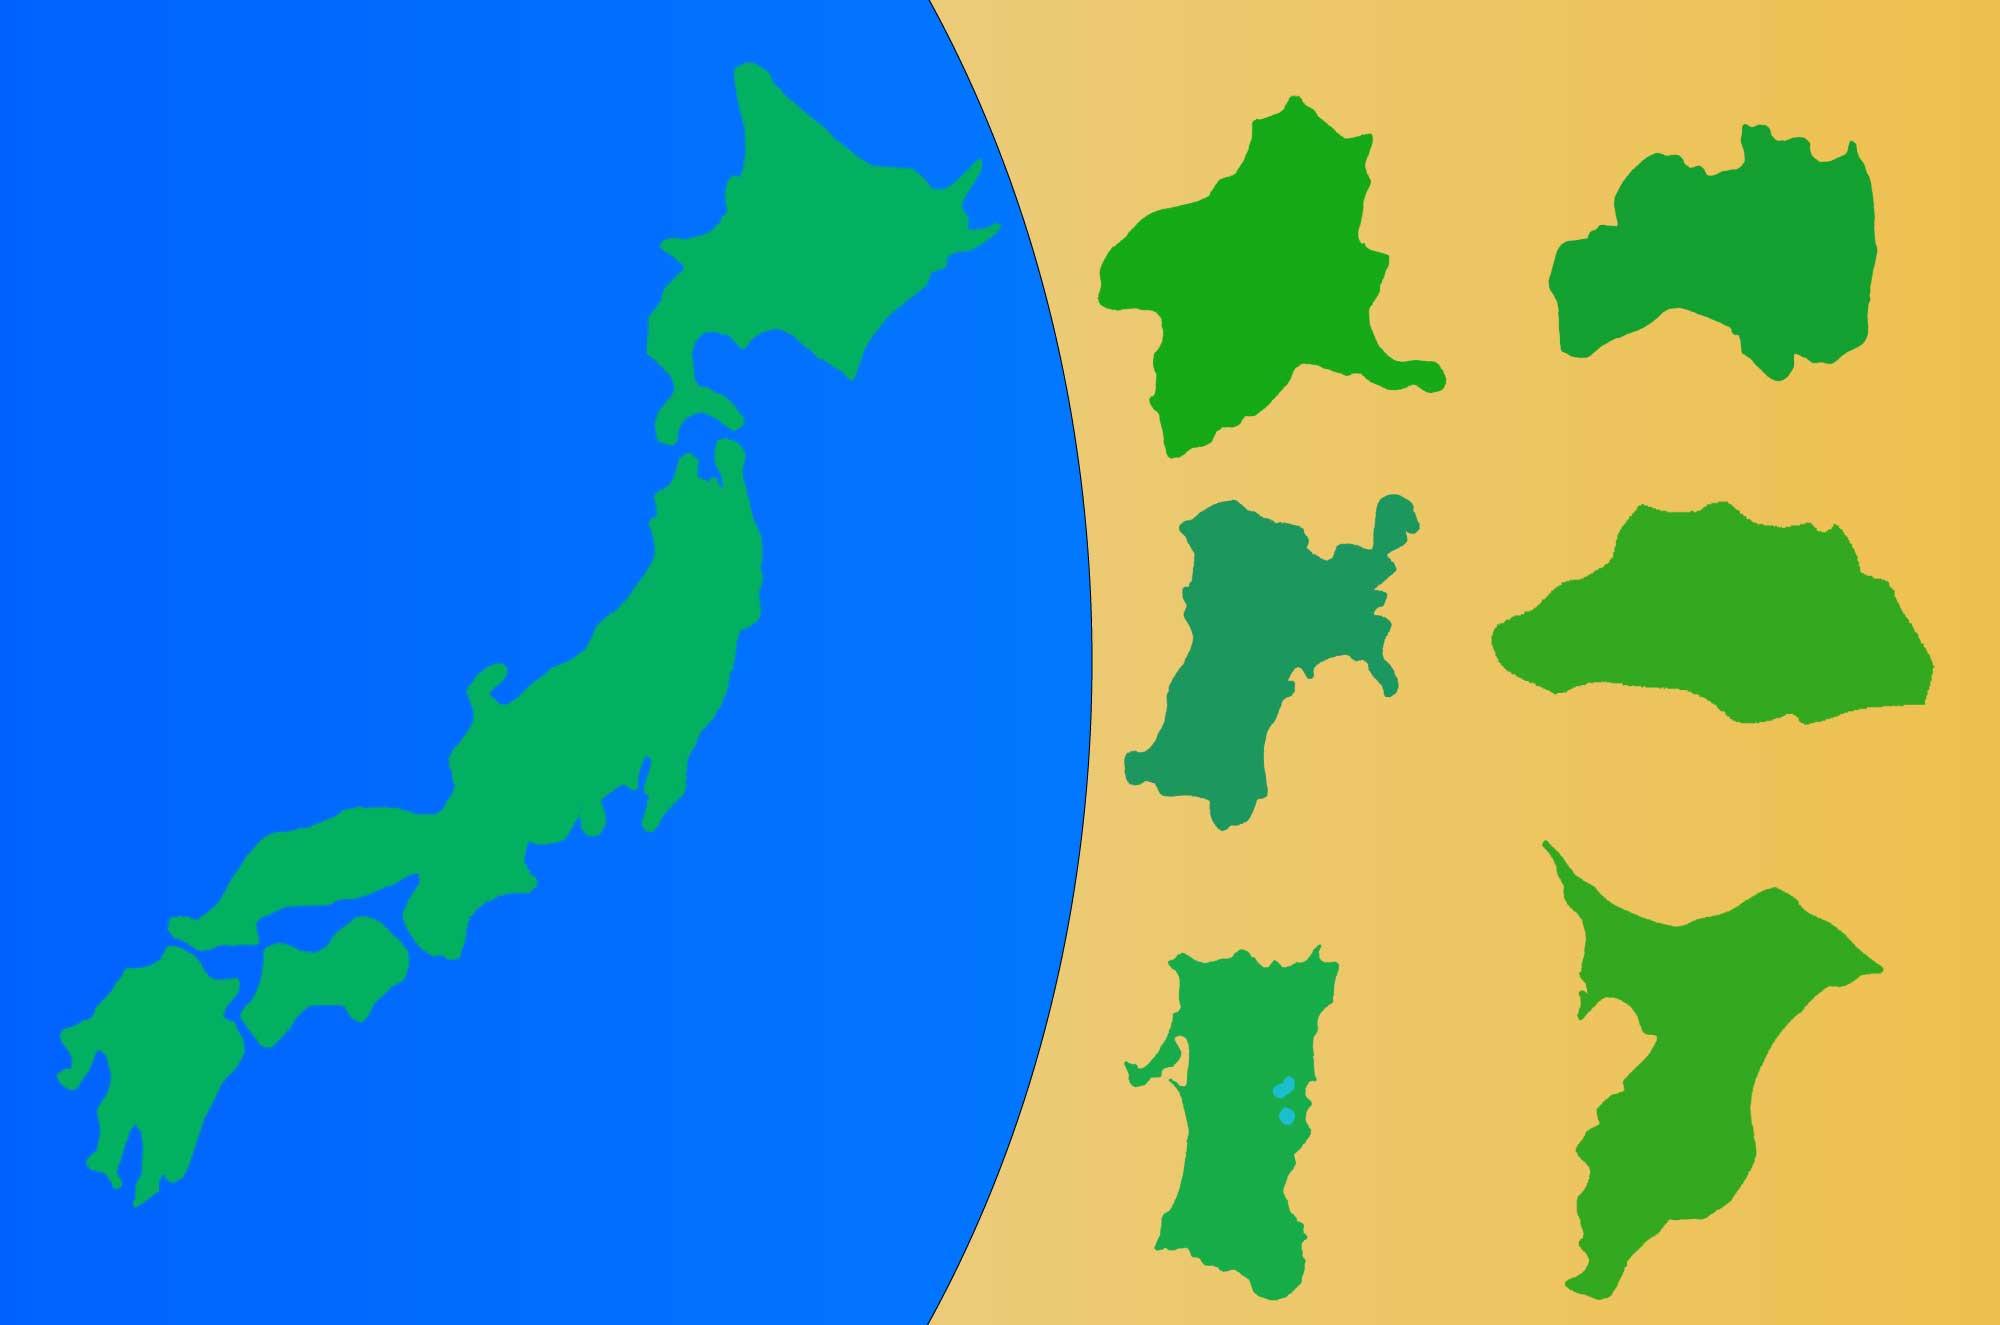 日本地図のイラスト - フリーの都道府県名産・名物の無料素材